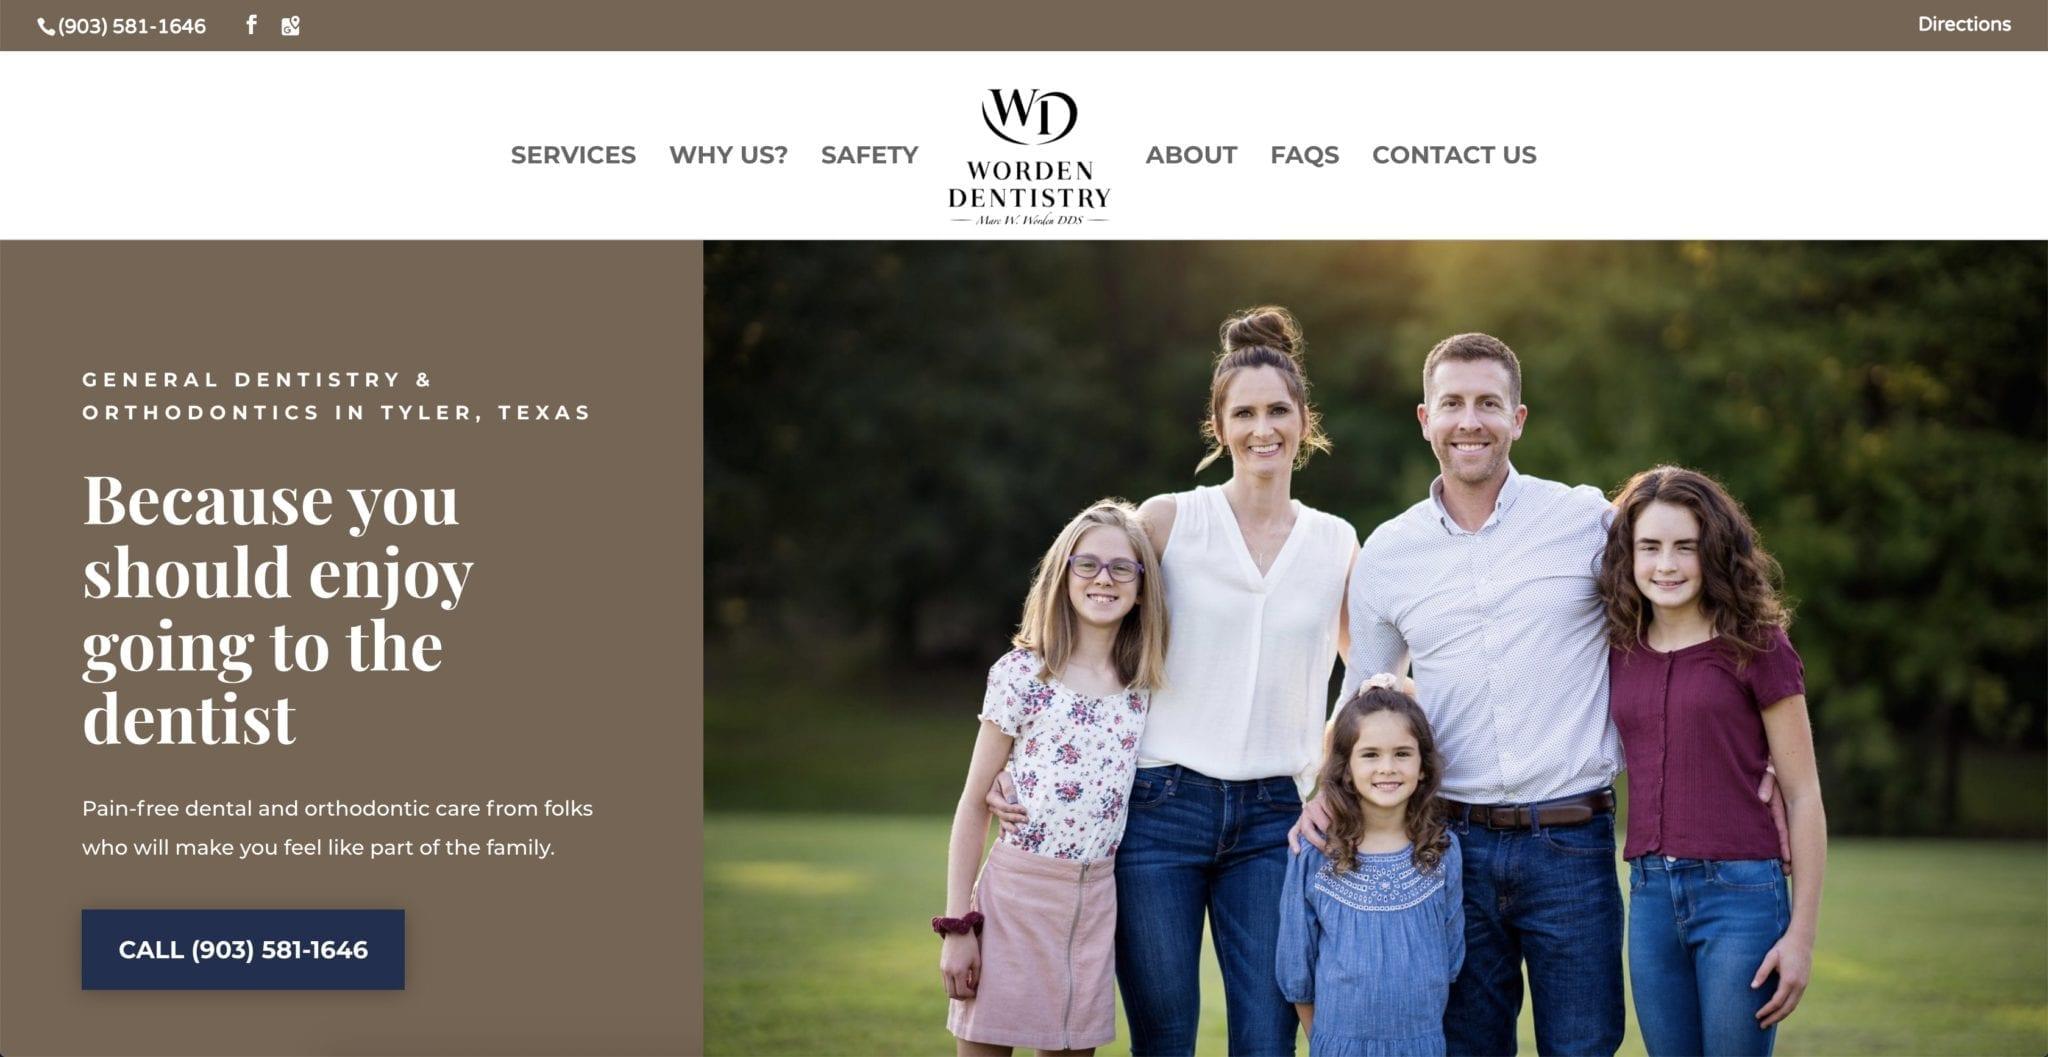 Worden Dentistry Website